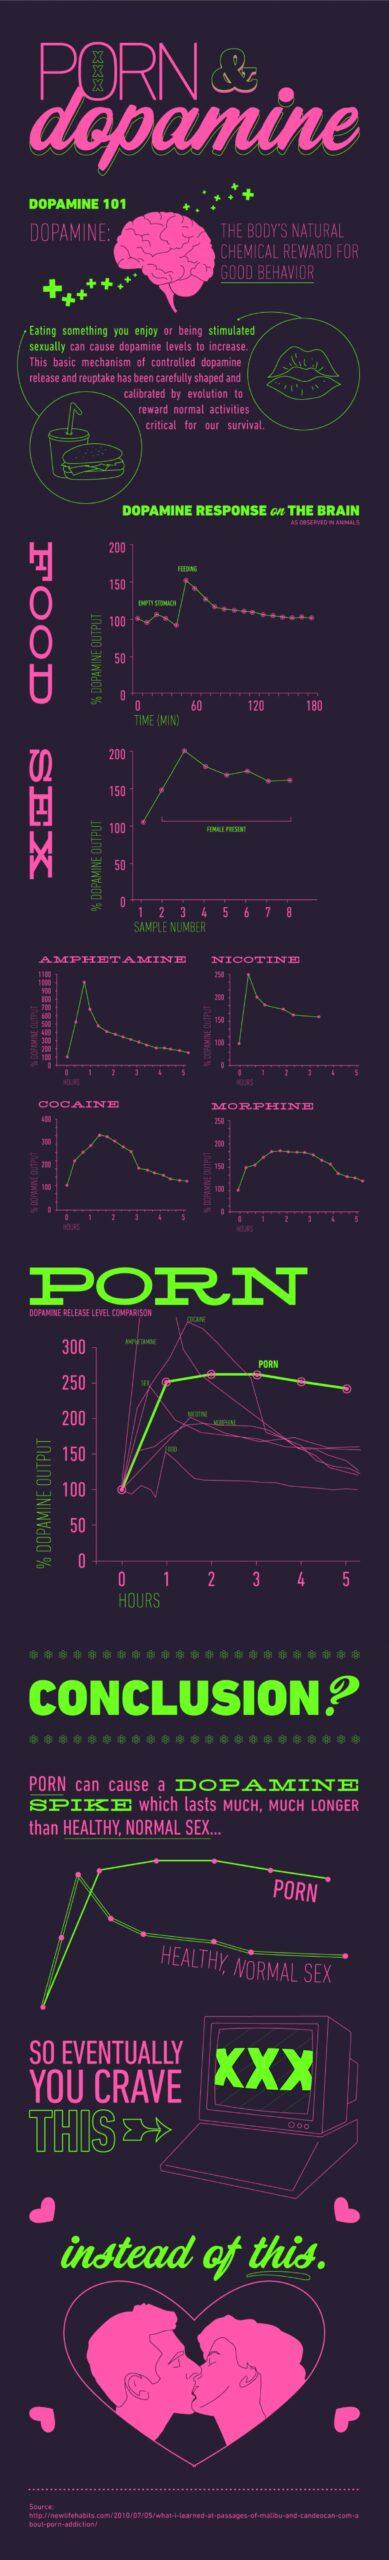 Pornografinin dopamin üzerindeki etkisini istatistiksel olarak gösteren çalışma